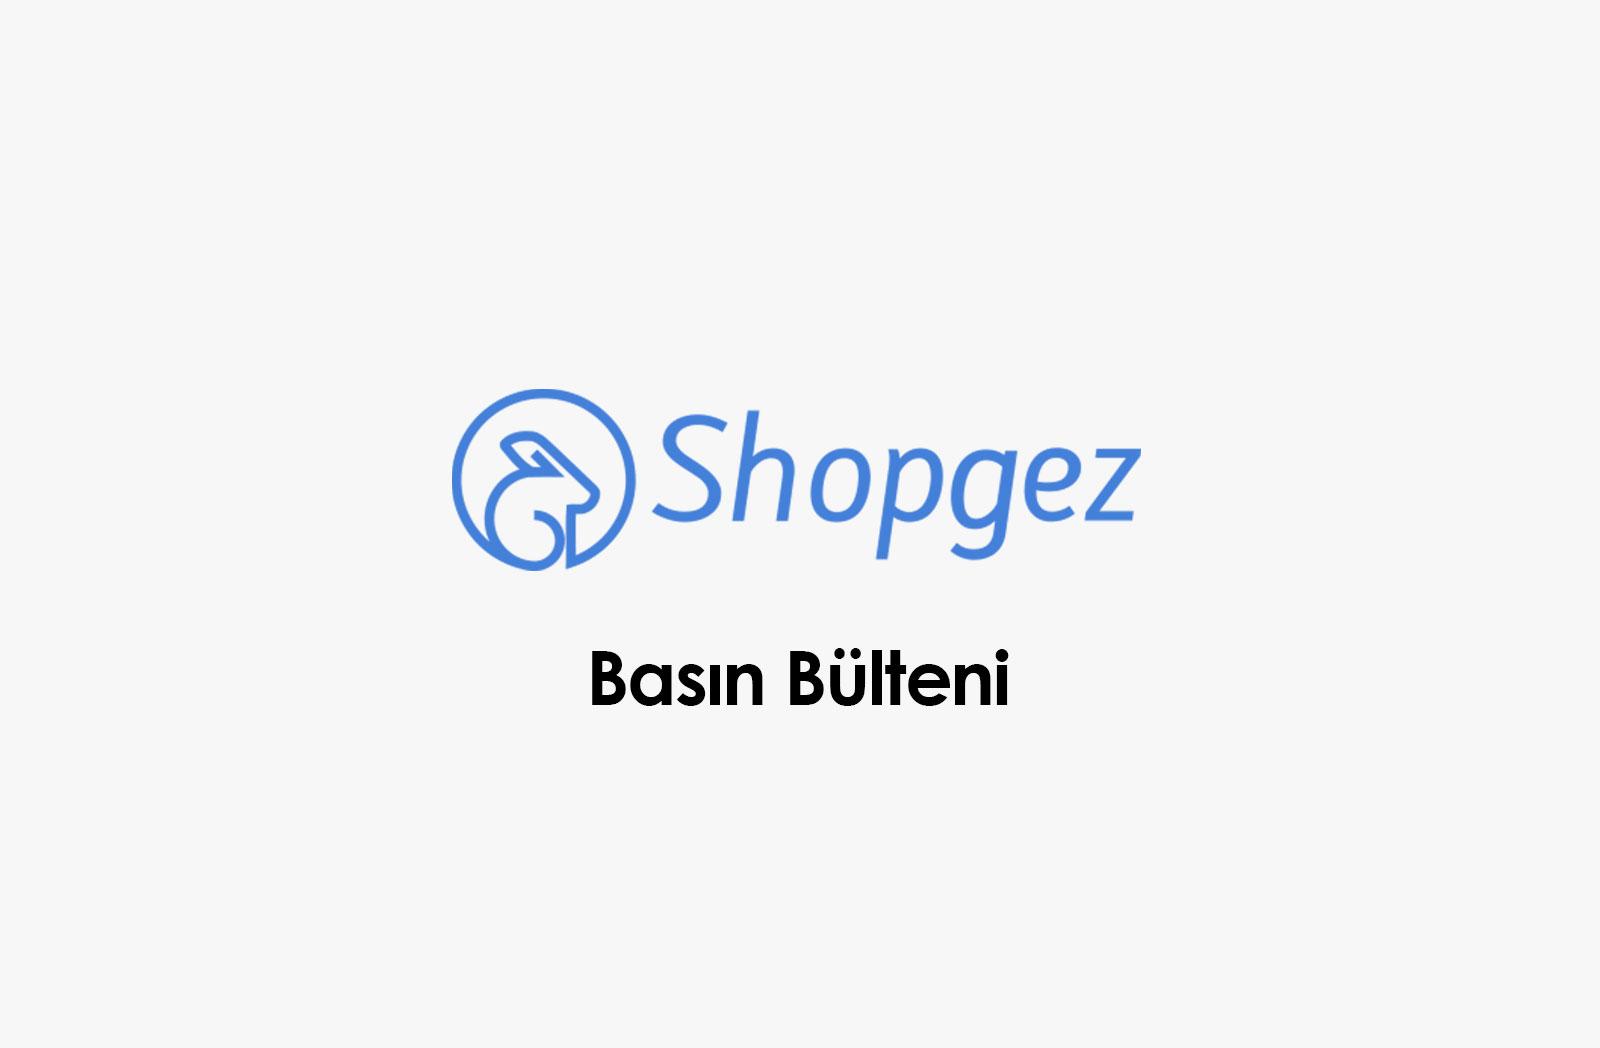 shopgez-basin-bulteni-indirim